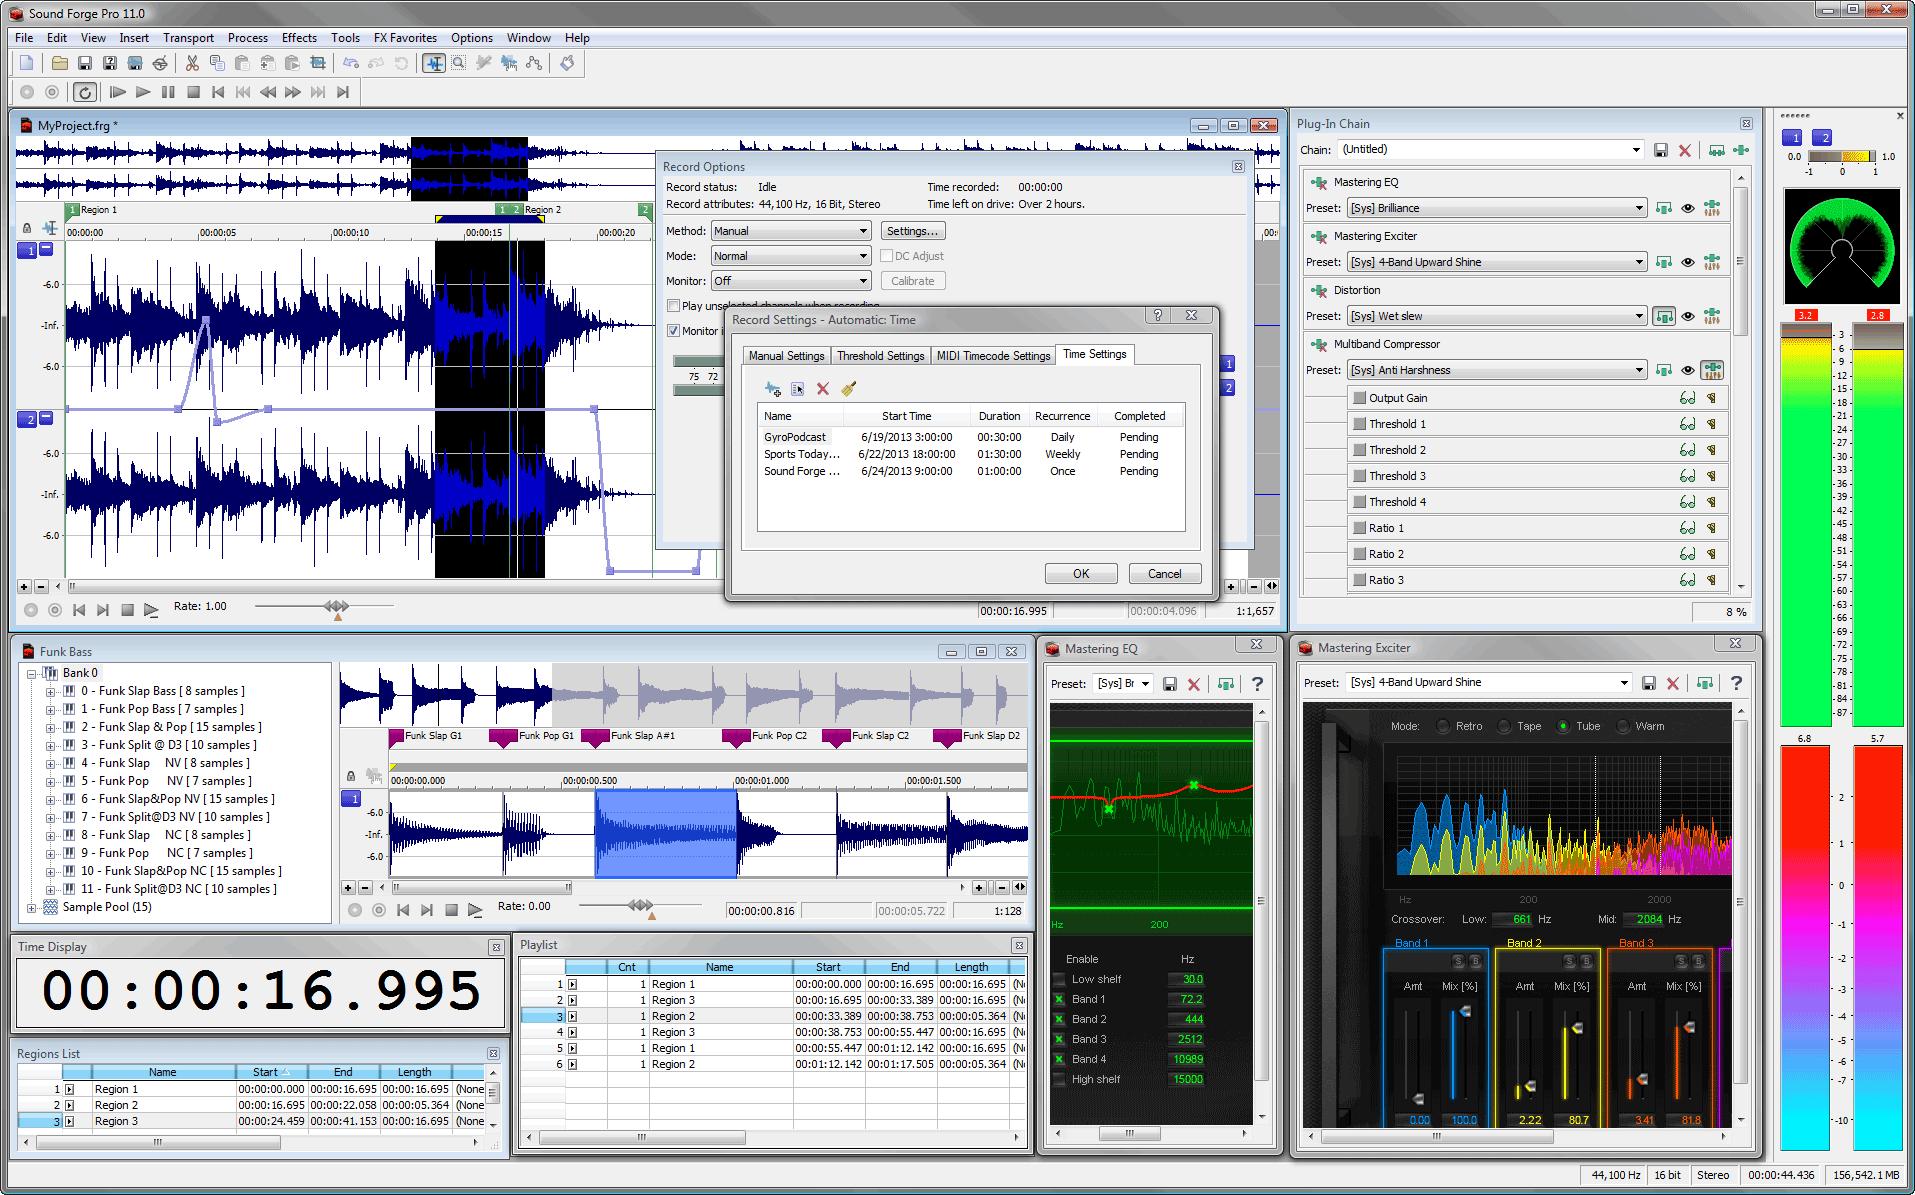 sony vegas pro keygen download